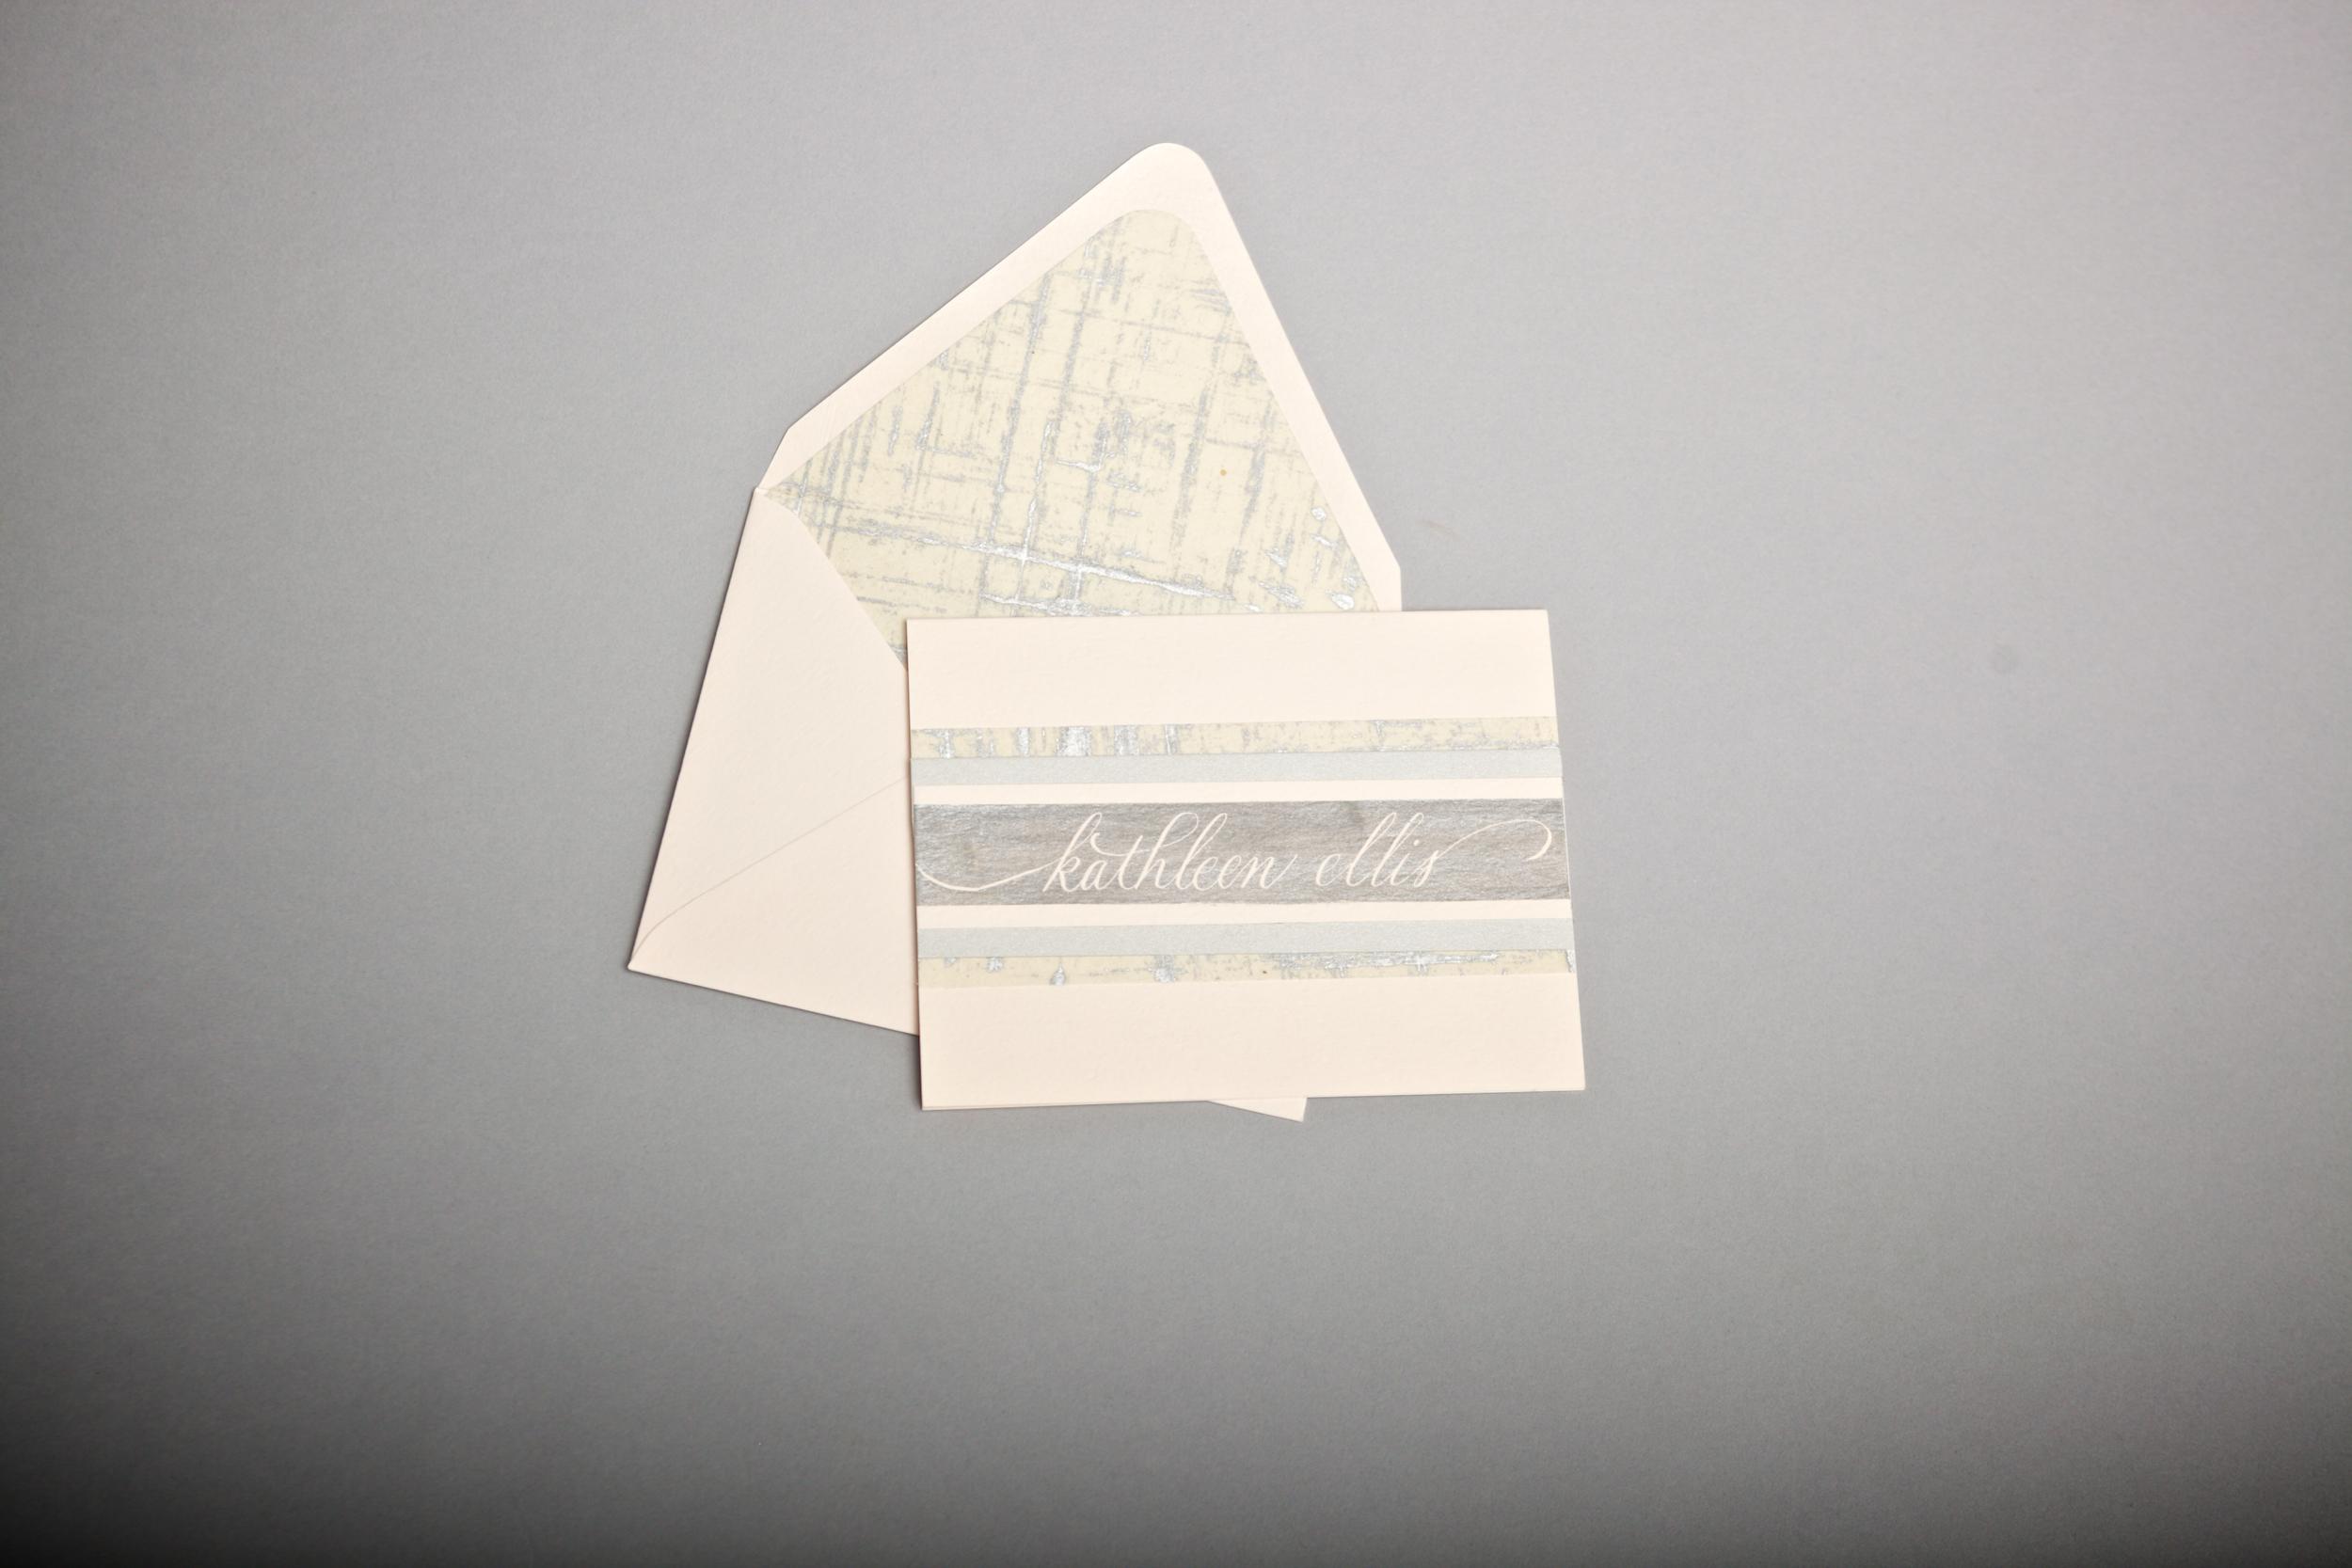 handdmadepapers  073.jpg